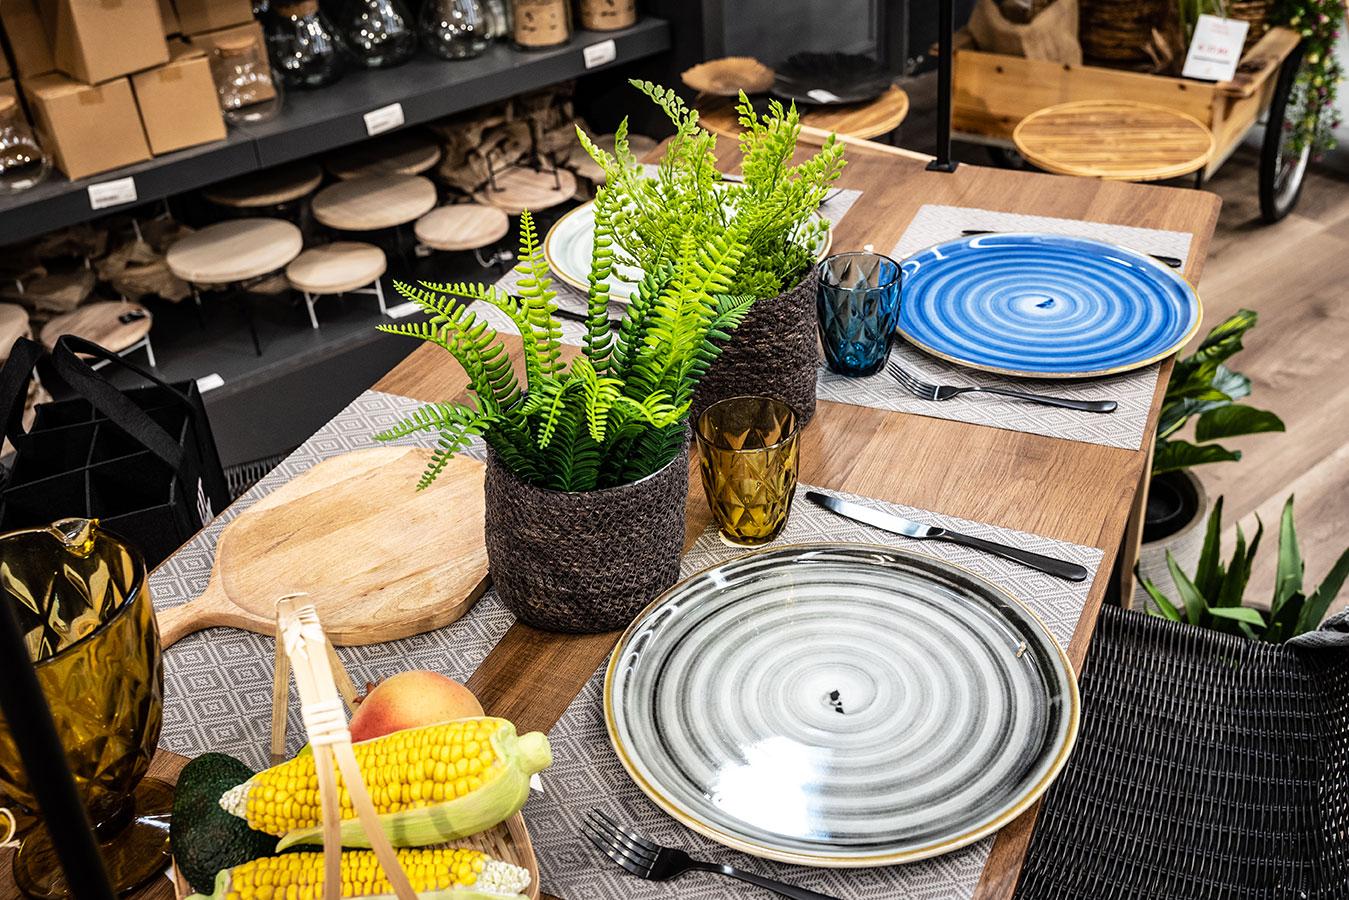 _I-prodotti-per-la-mise-en-place-di-Incartare.-Scopri-piatti,-bicchieri,-posate-e-accessori-per-la-tavola,-ristoranti-e-cafetterie1